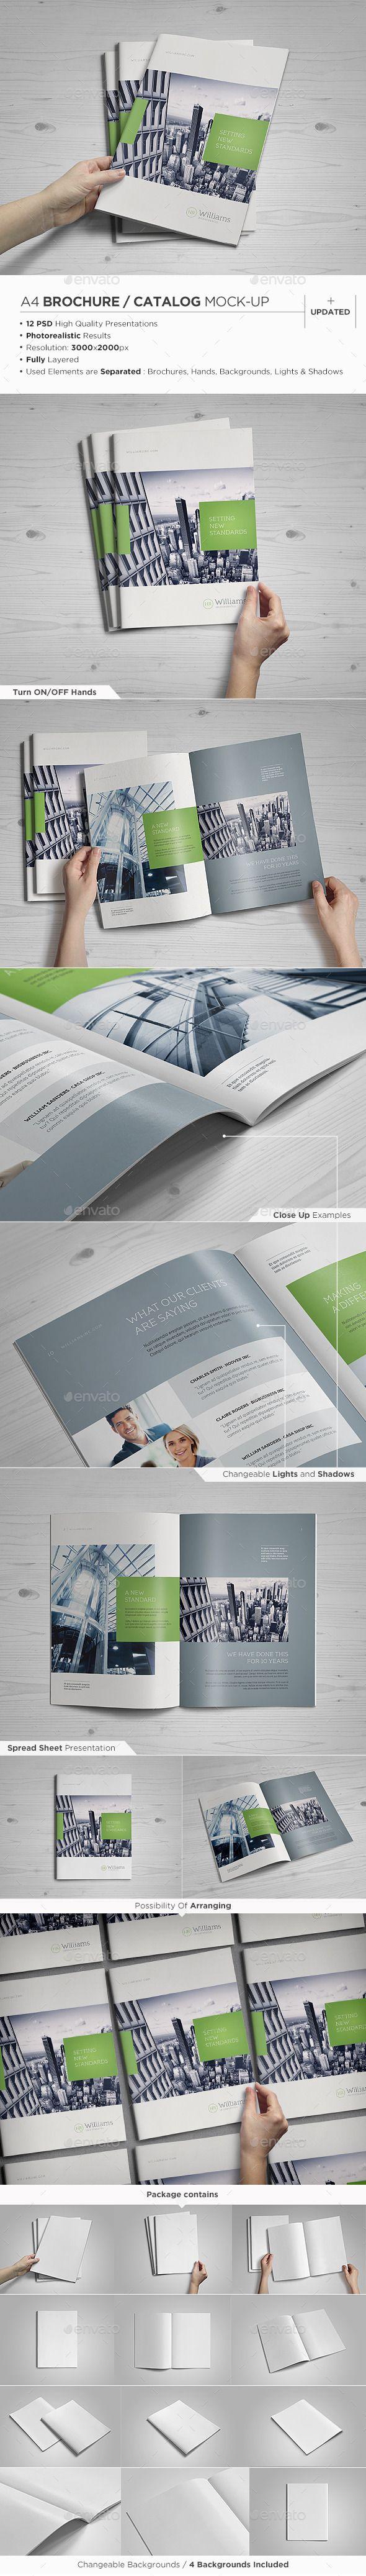 A4 Brochure / Catalog Mock-Up - Brochures Print https://graphicriver.net/item/a4-brochure-catalog-mockup/4236480?ref=231267